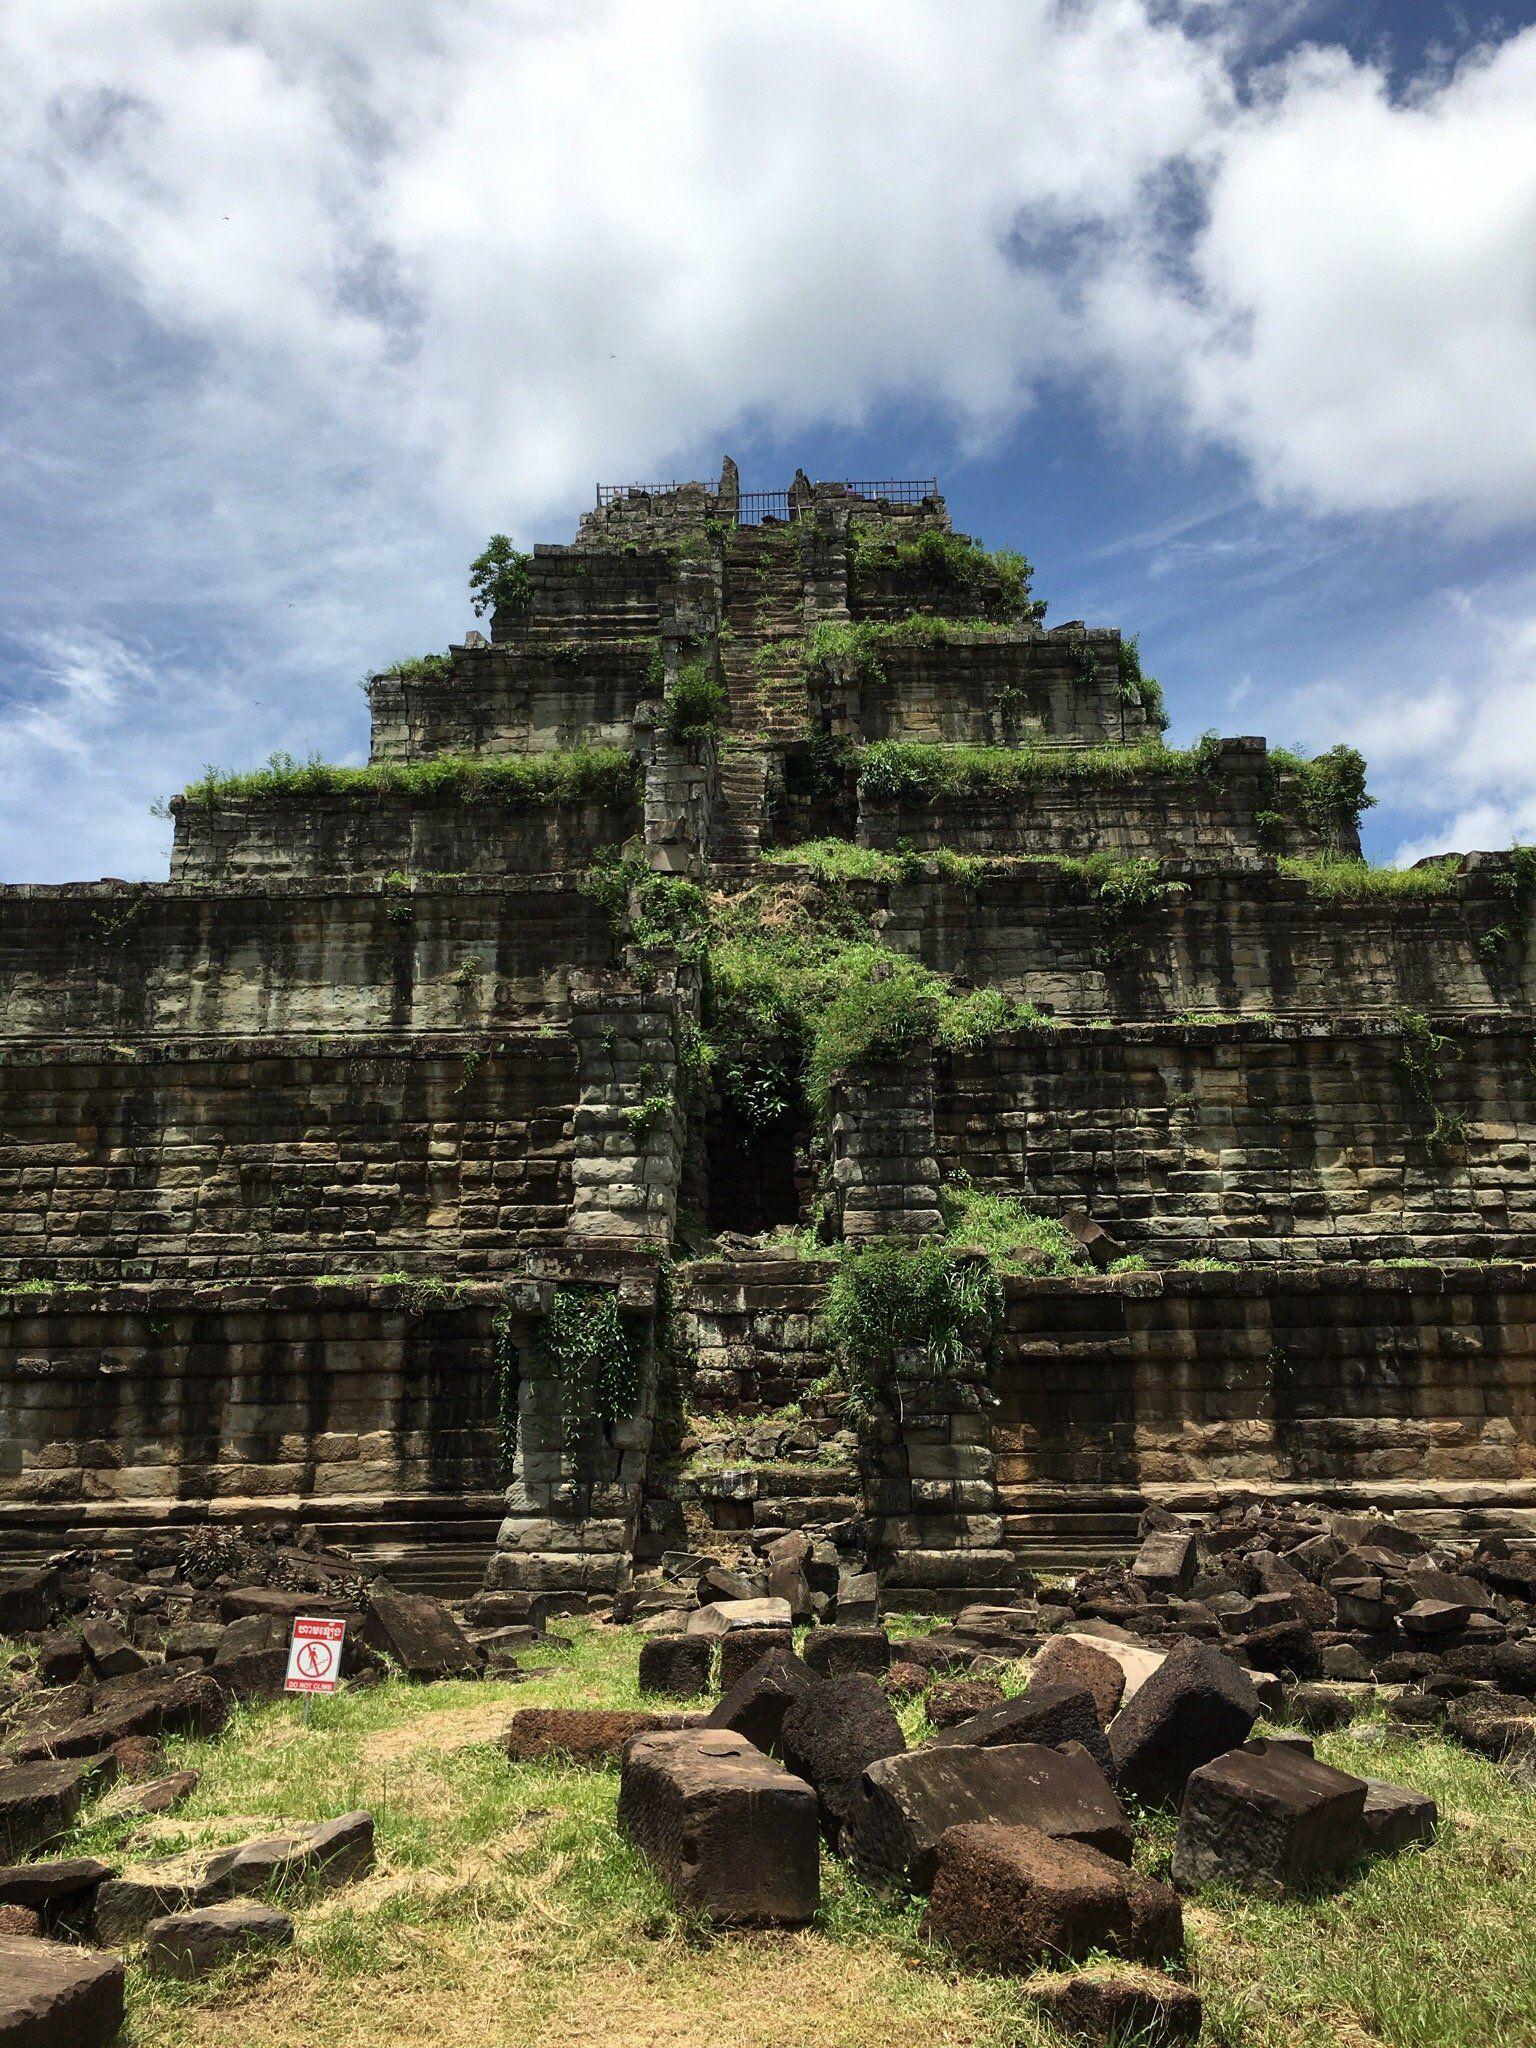 Prasat Thom - ngôi đền lớn nhất ở Kor Ker